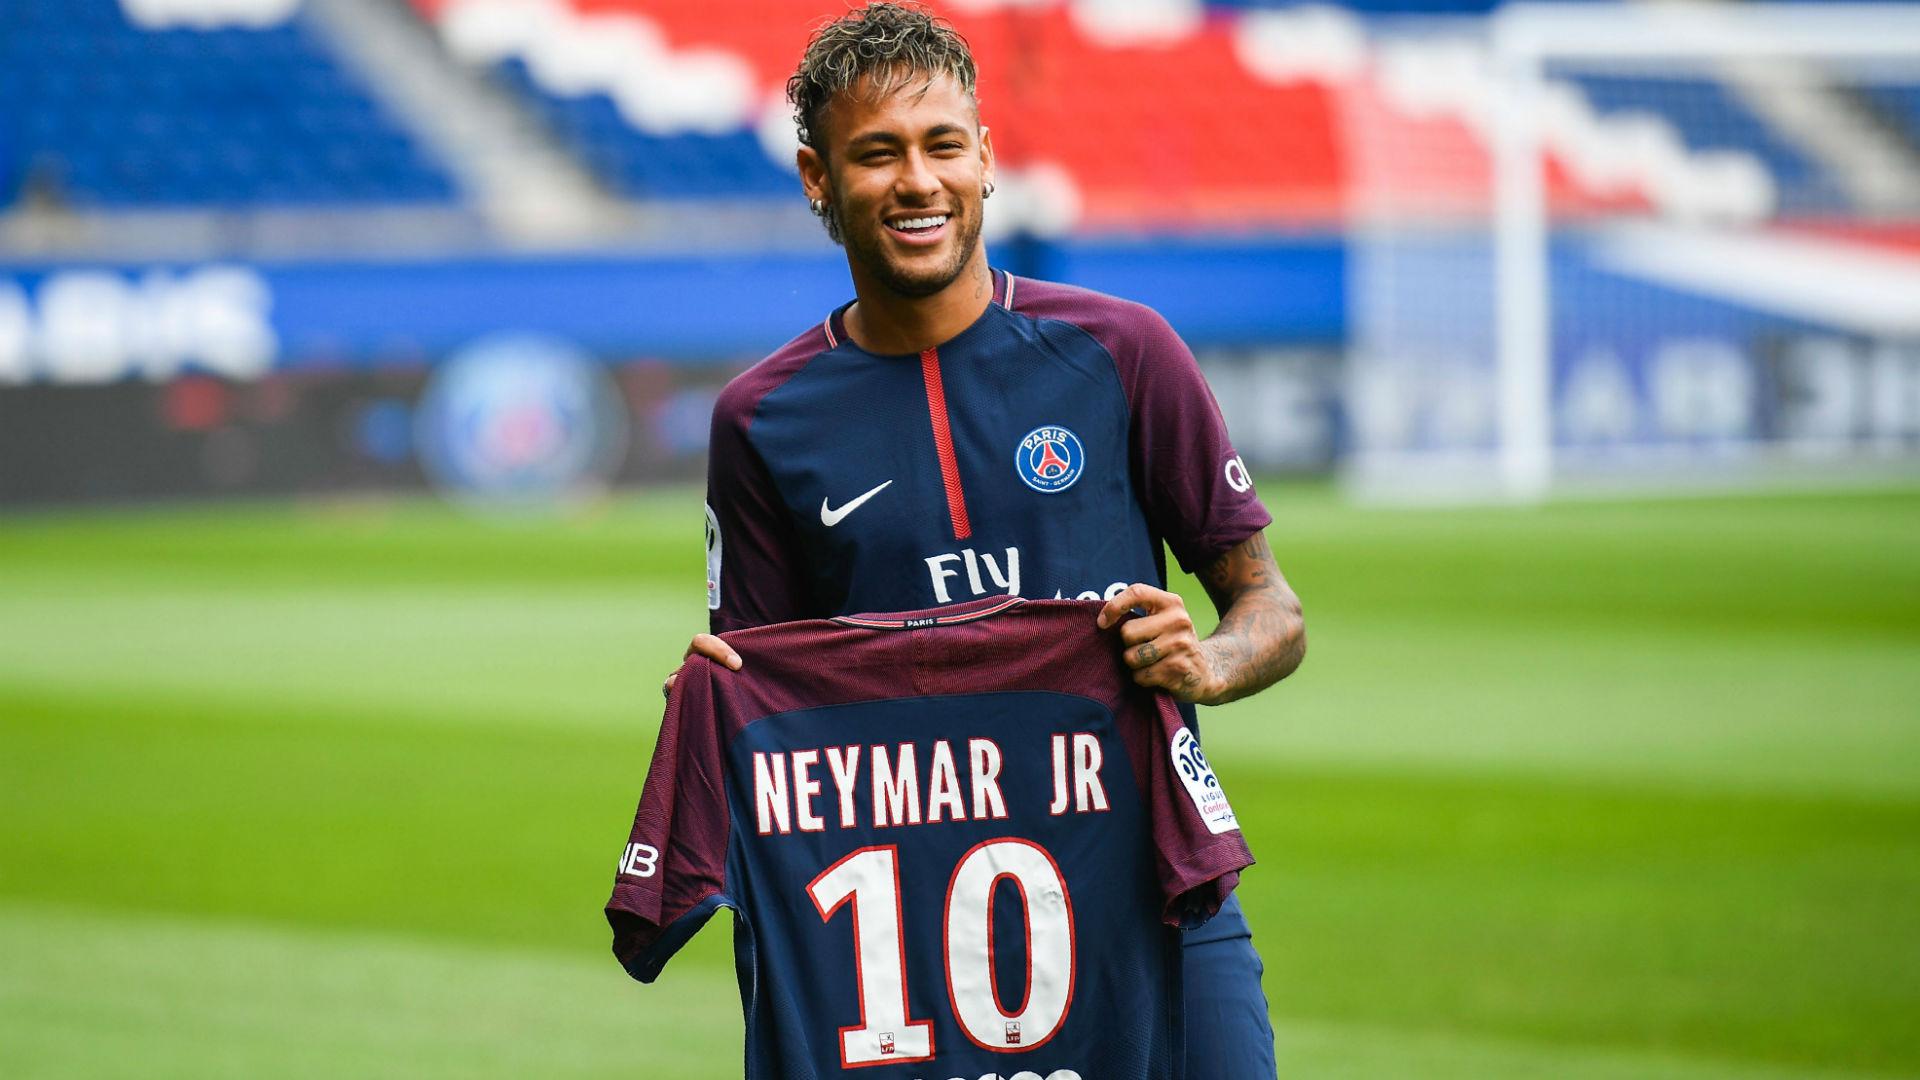 I privilegi garantiti per contratto a Neymar, dall'esenzione per la fase difensiva fino ai rigori